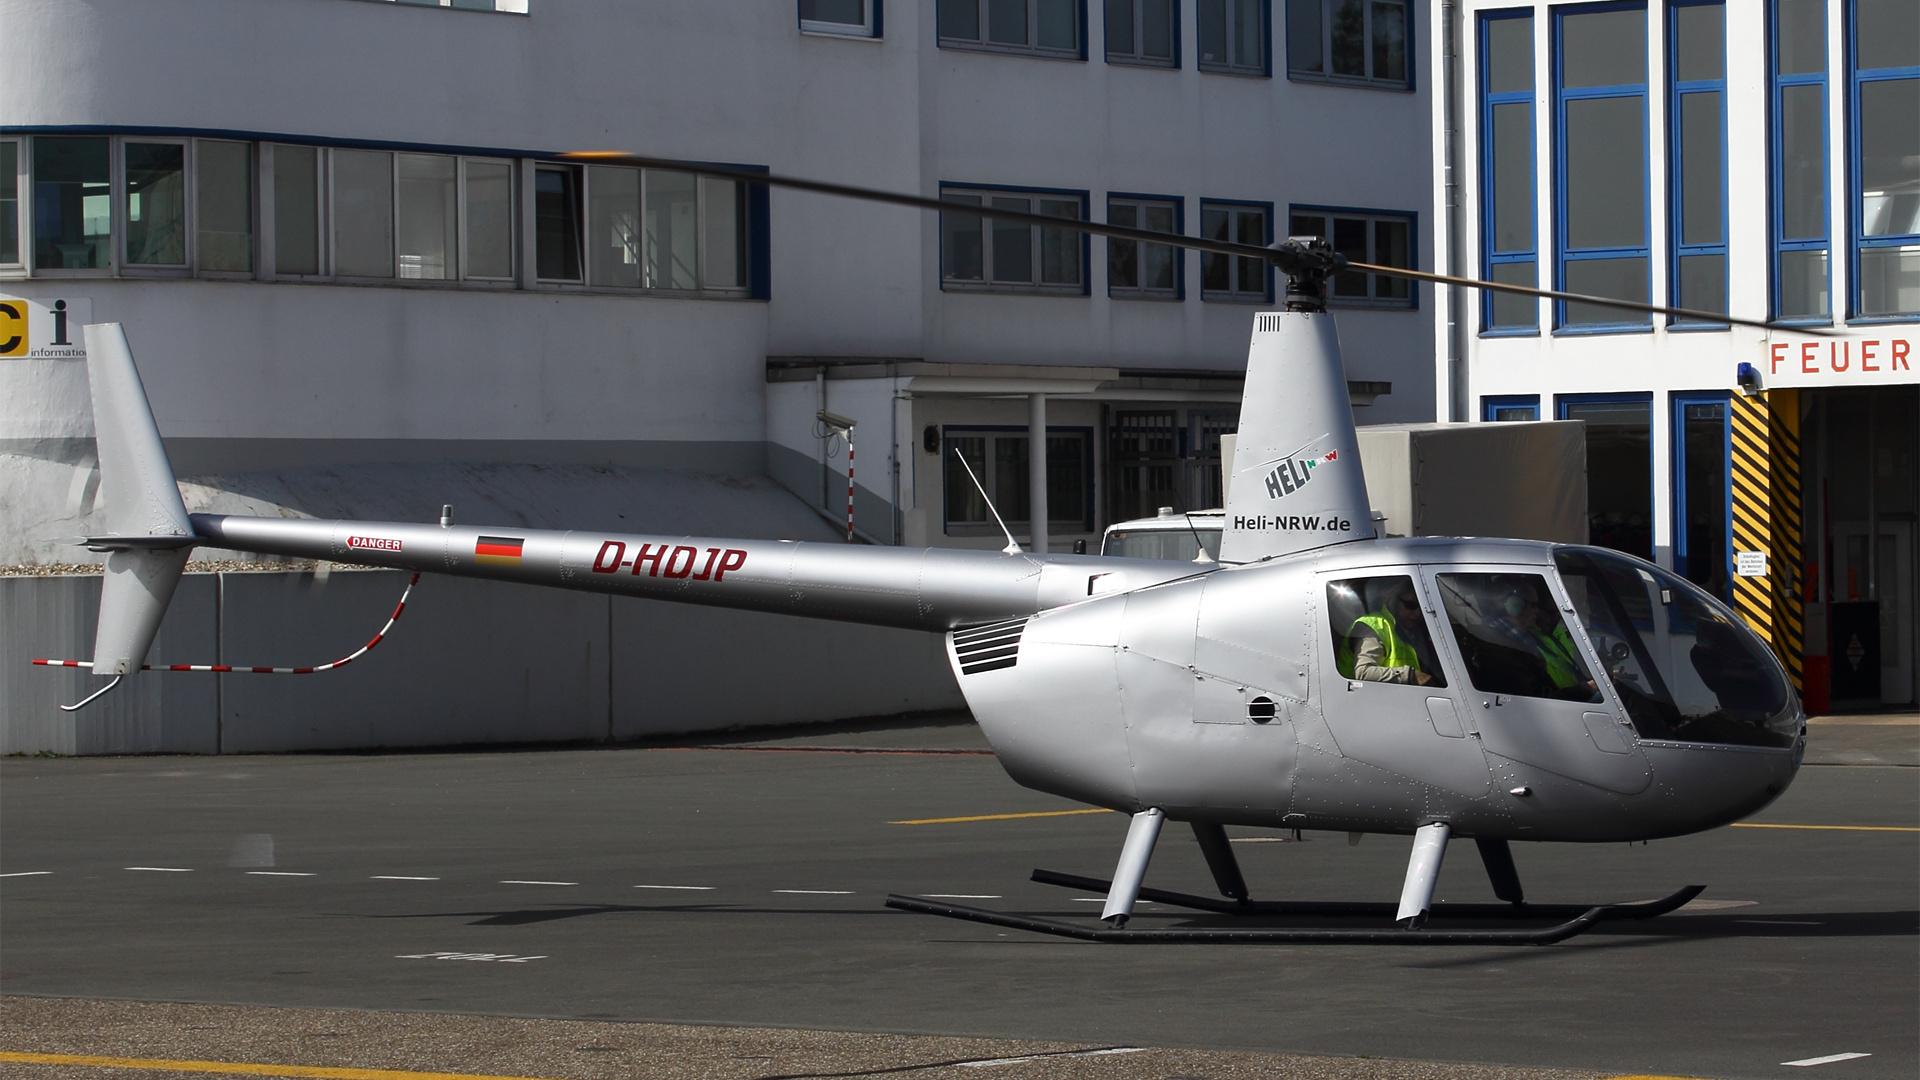 D-HDJP-1 R44 ESS 201604